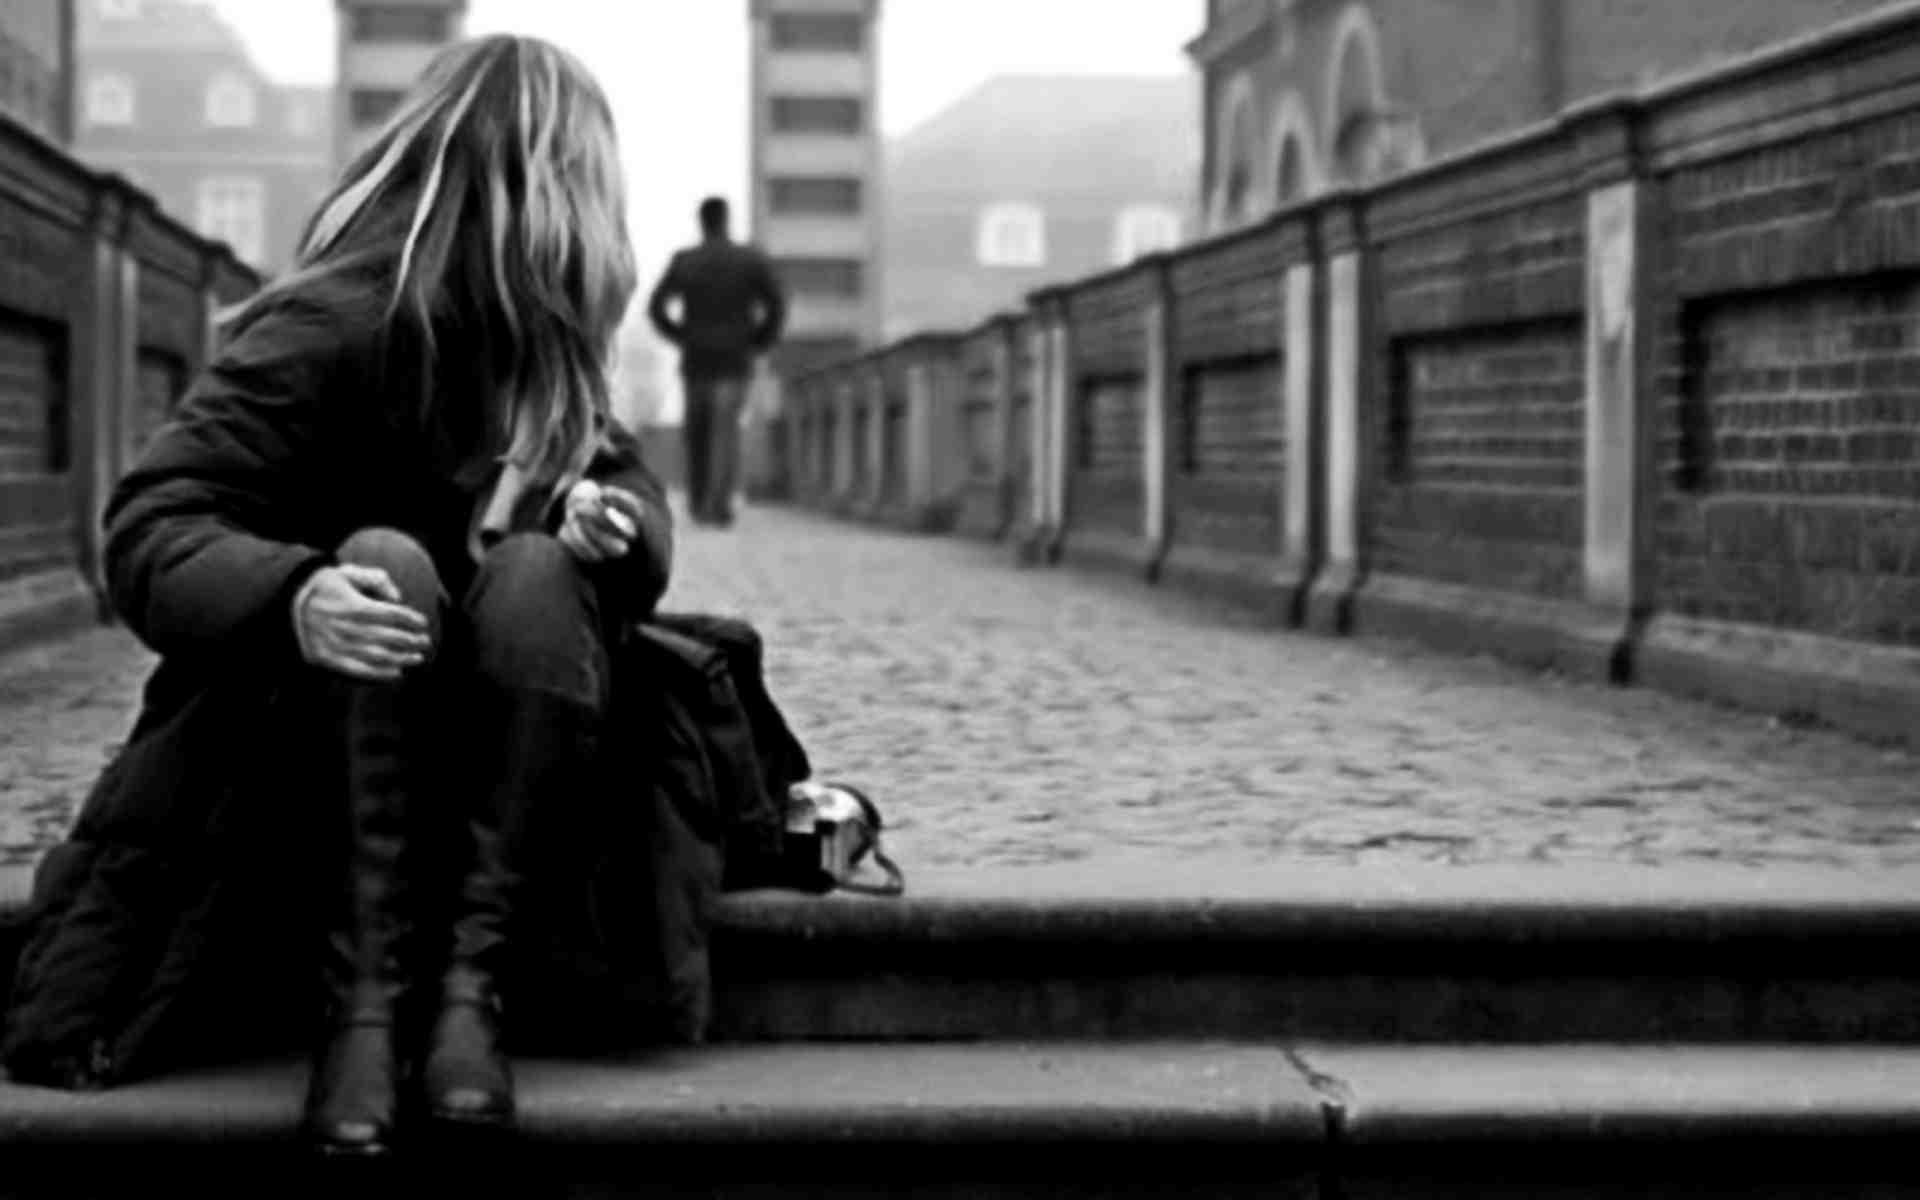 Những hình ảnh buồn cô đơn nhất trong tình yêu và cuộc sống